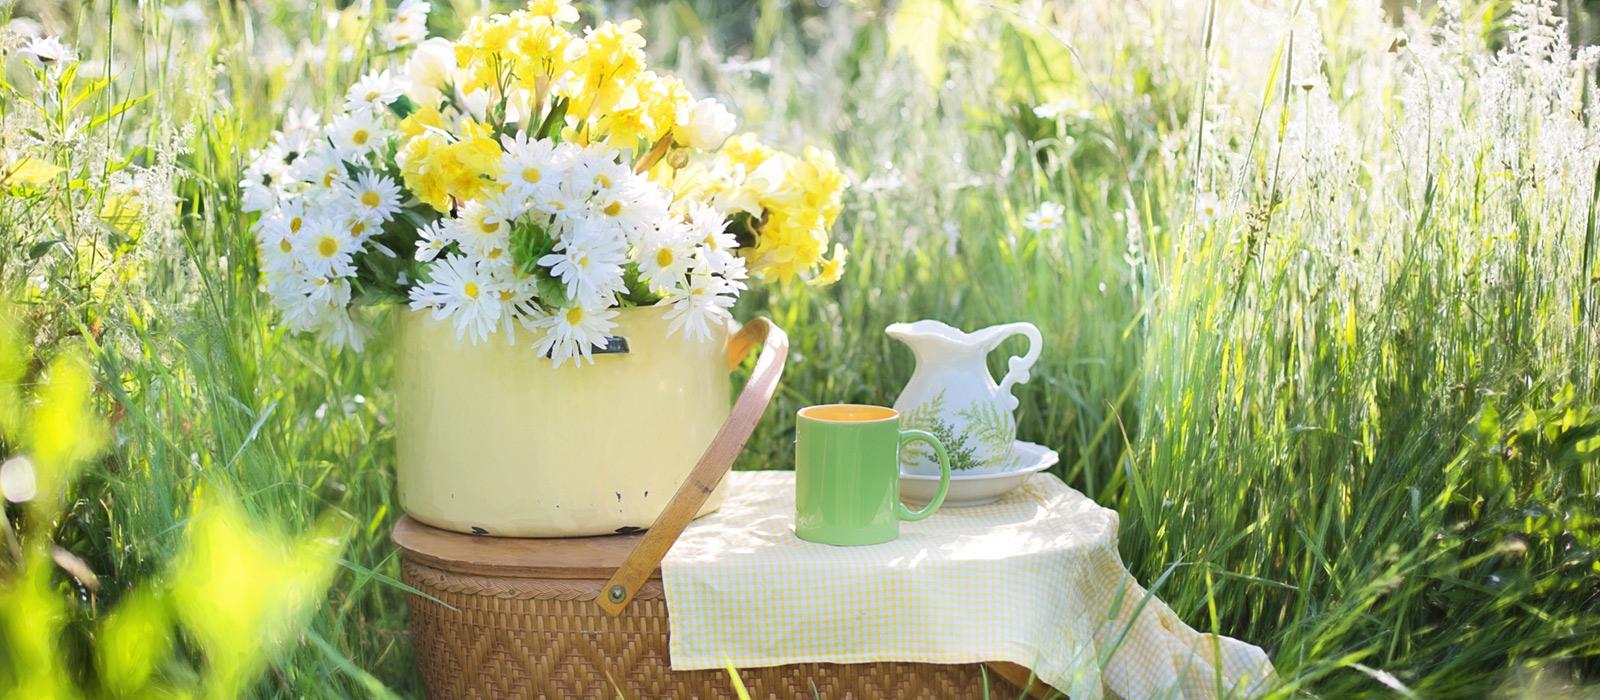 coffee-plant-lawn